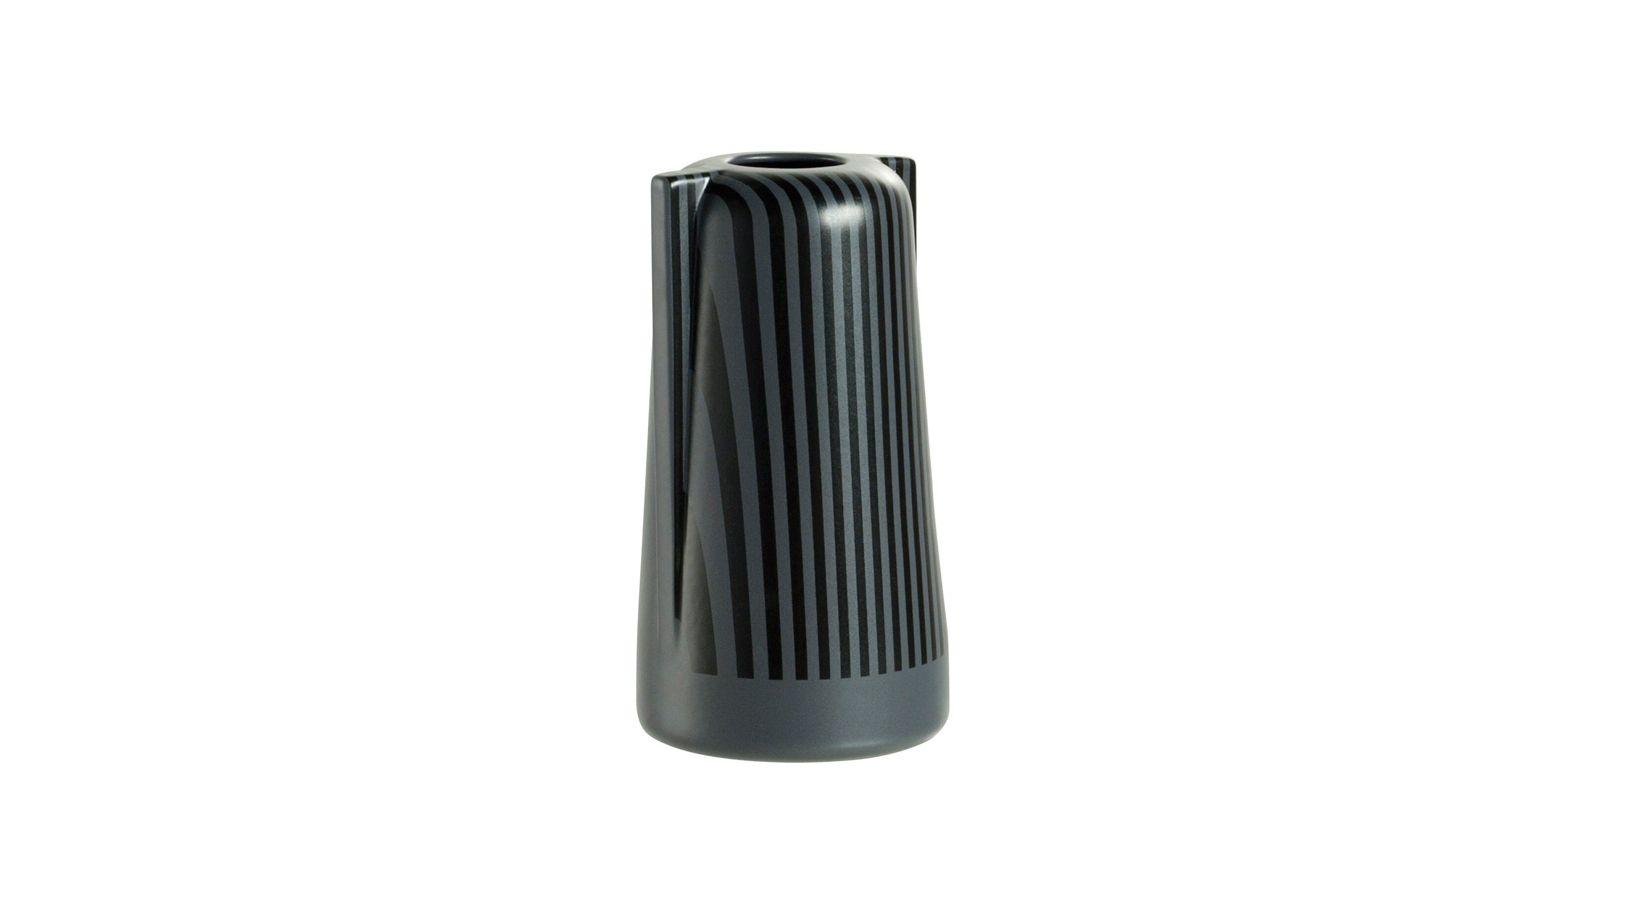 Illusion Vase Roche Bobois